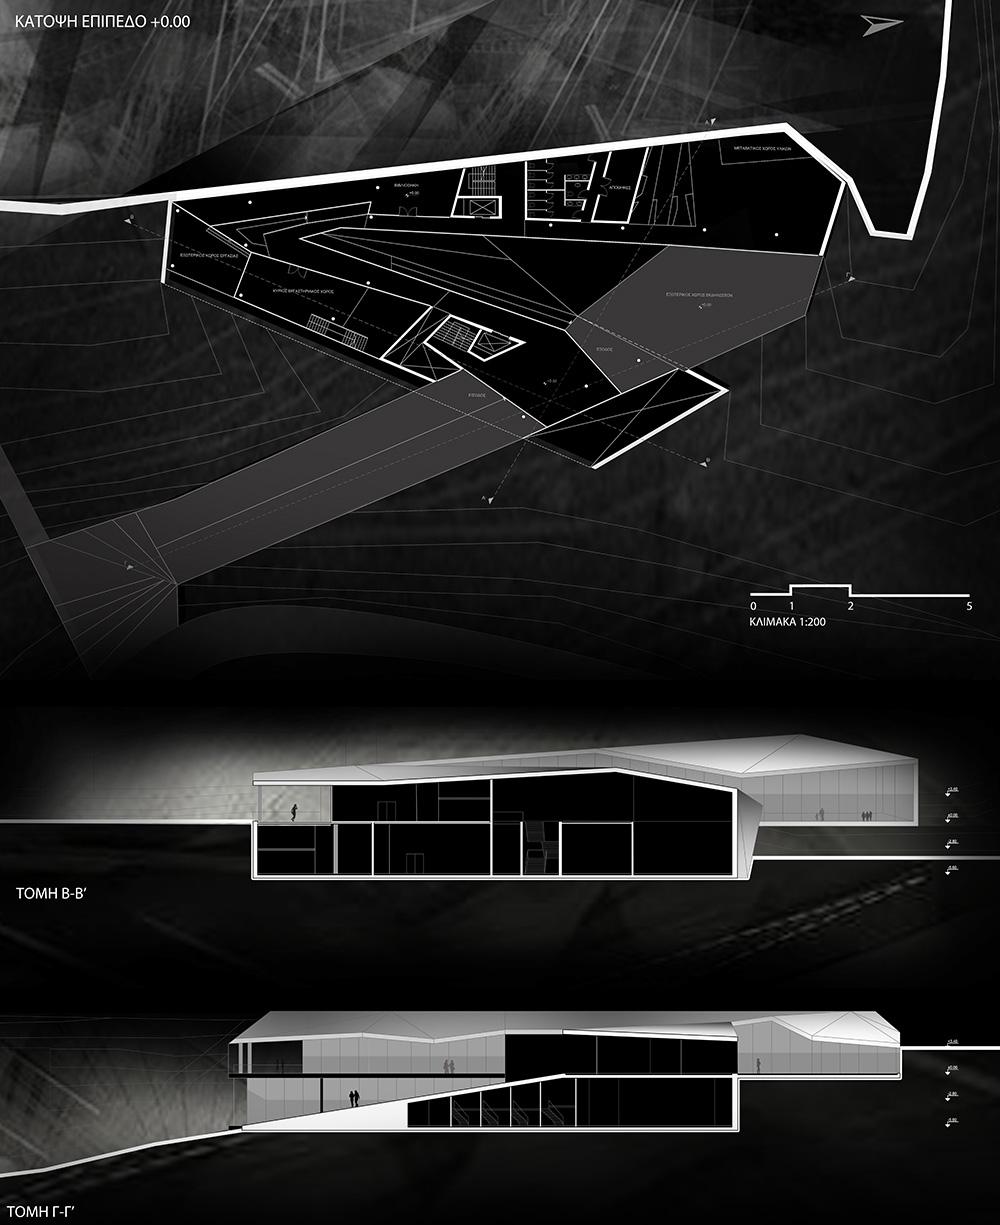 Κάτοψη επίπεδο +0.00 & τομή Α-Α' & τομή Β-Β', © Μαρίνα Σοφοκλέους Άρτεμις Χριστοδούλου